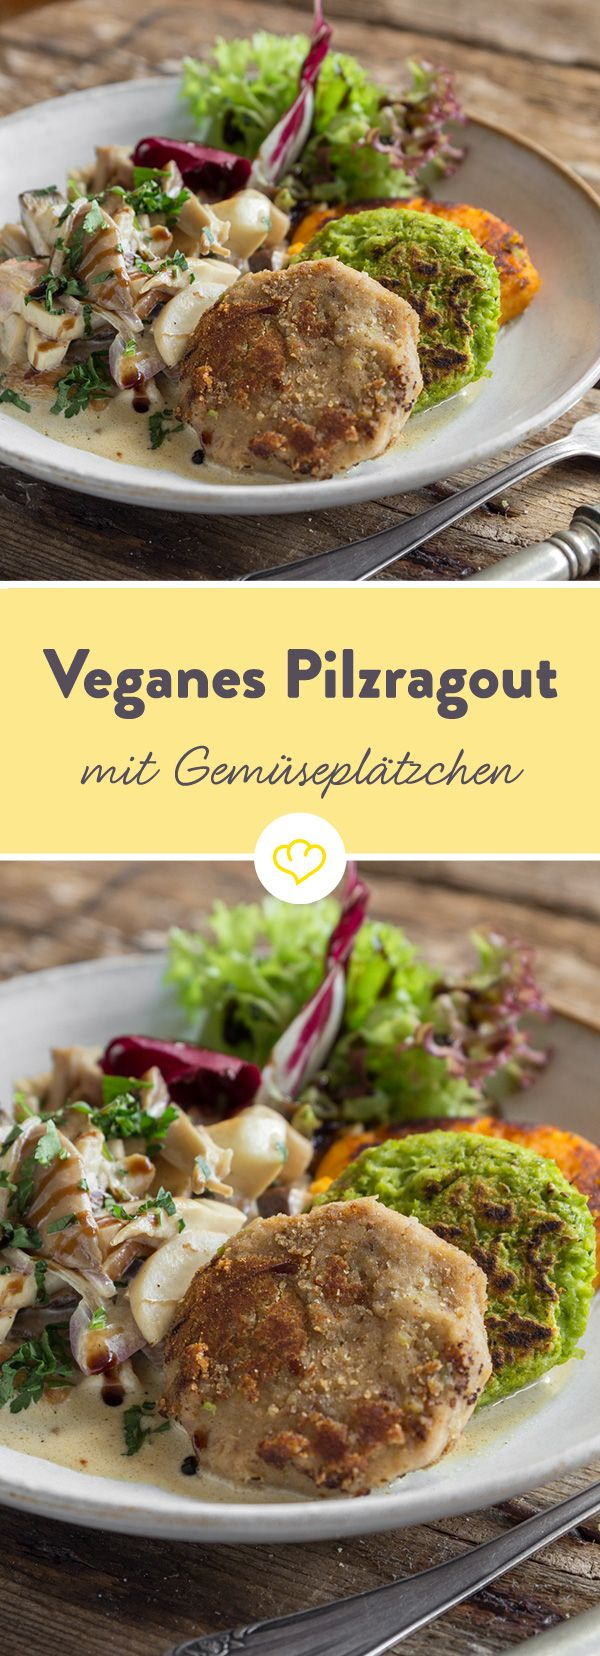 Vegane Küche zu Weihnachten: Sämiges Pilzragout trifft hier auf ein buntes Dreierlei aus Maronen, Karotten und Erbsen.